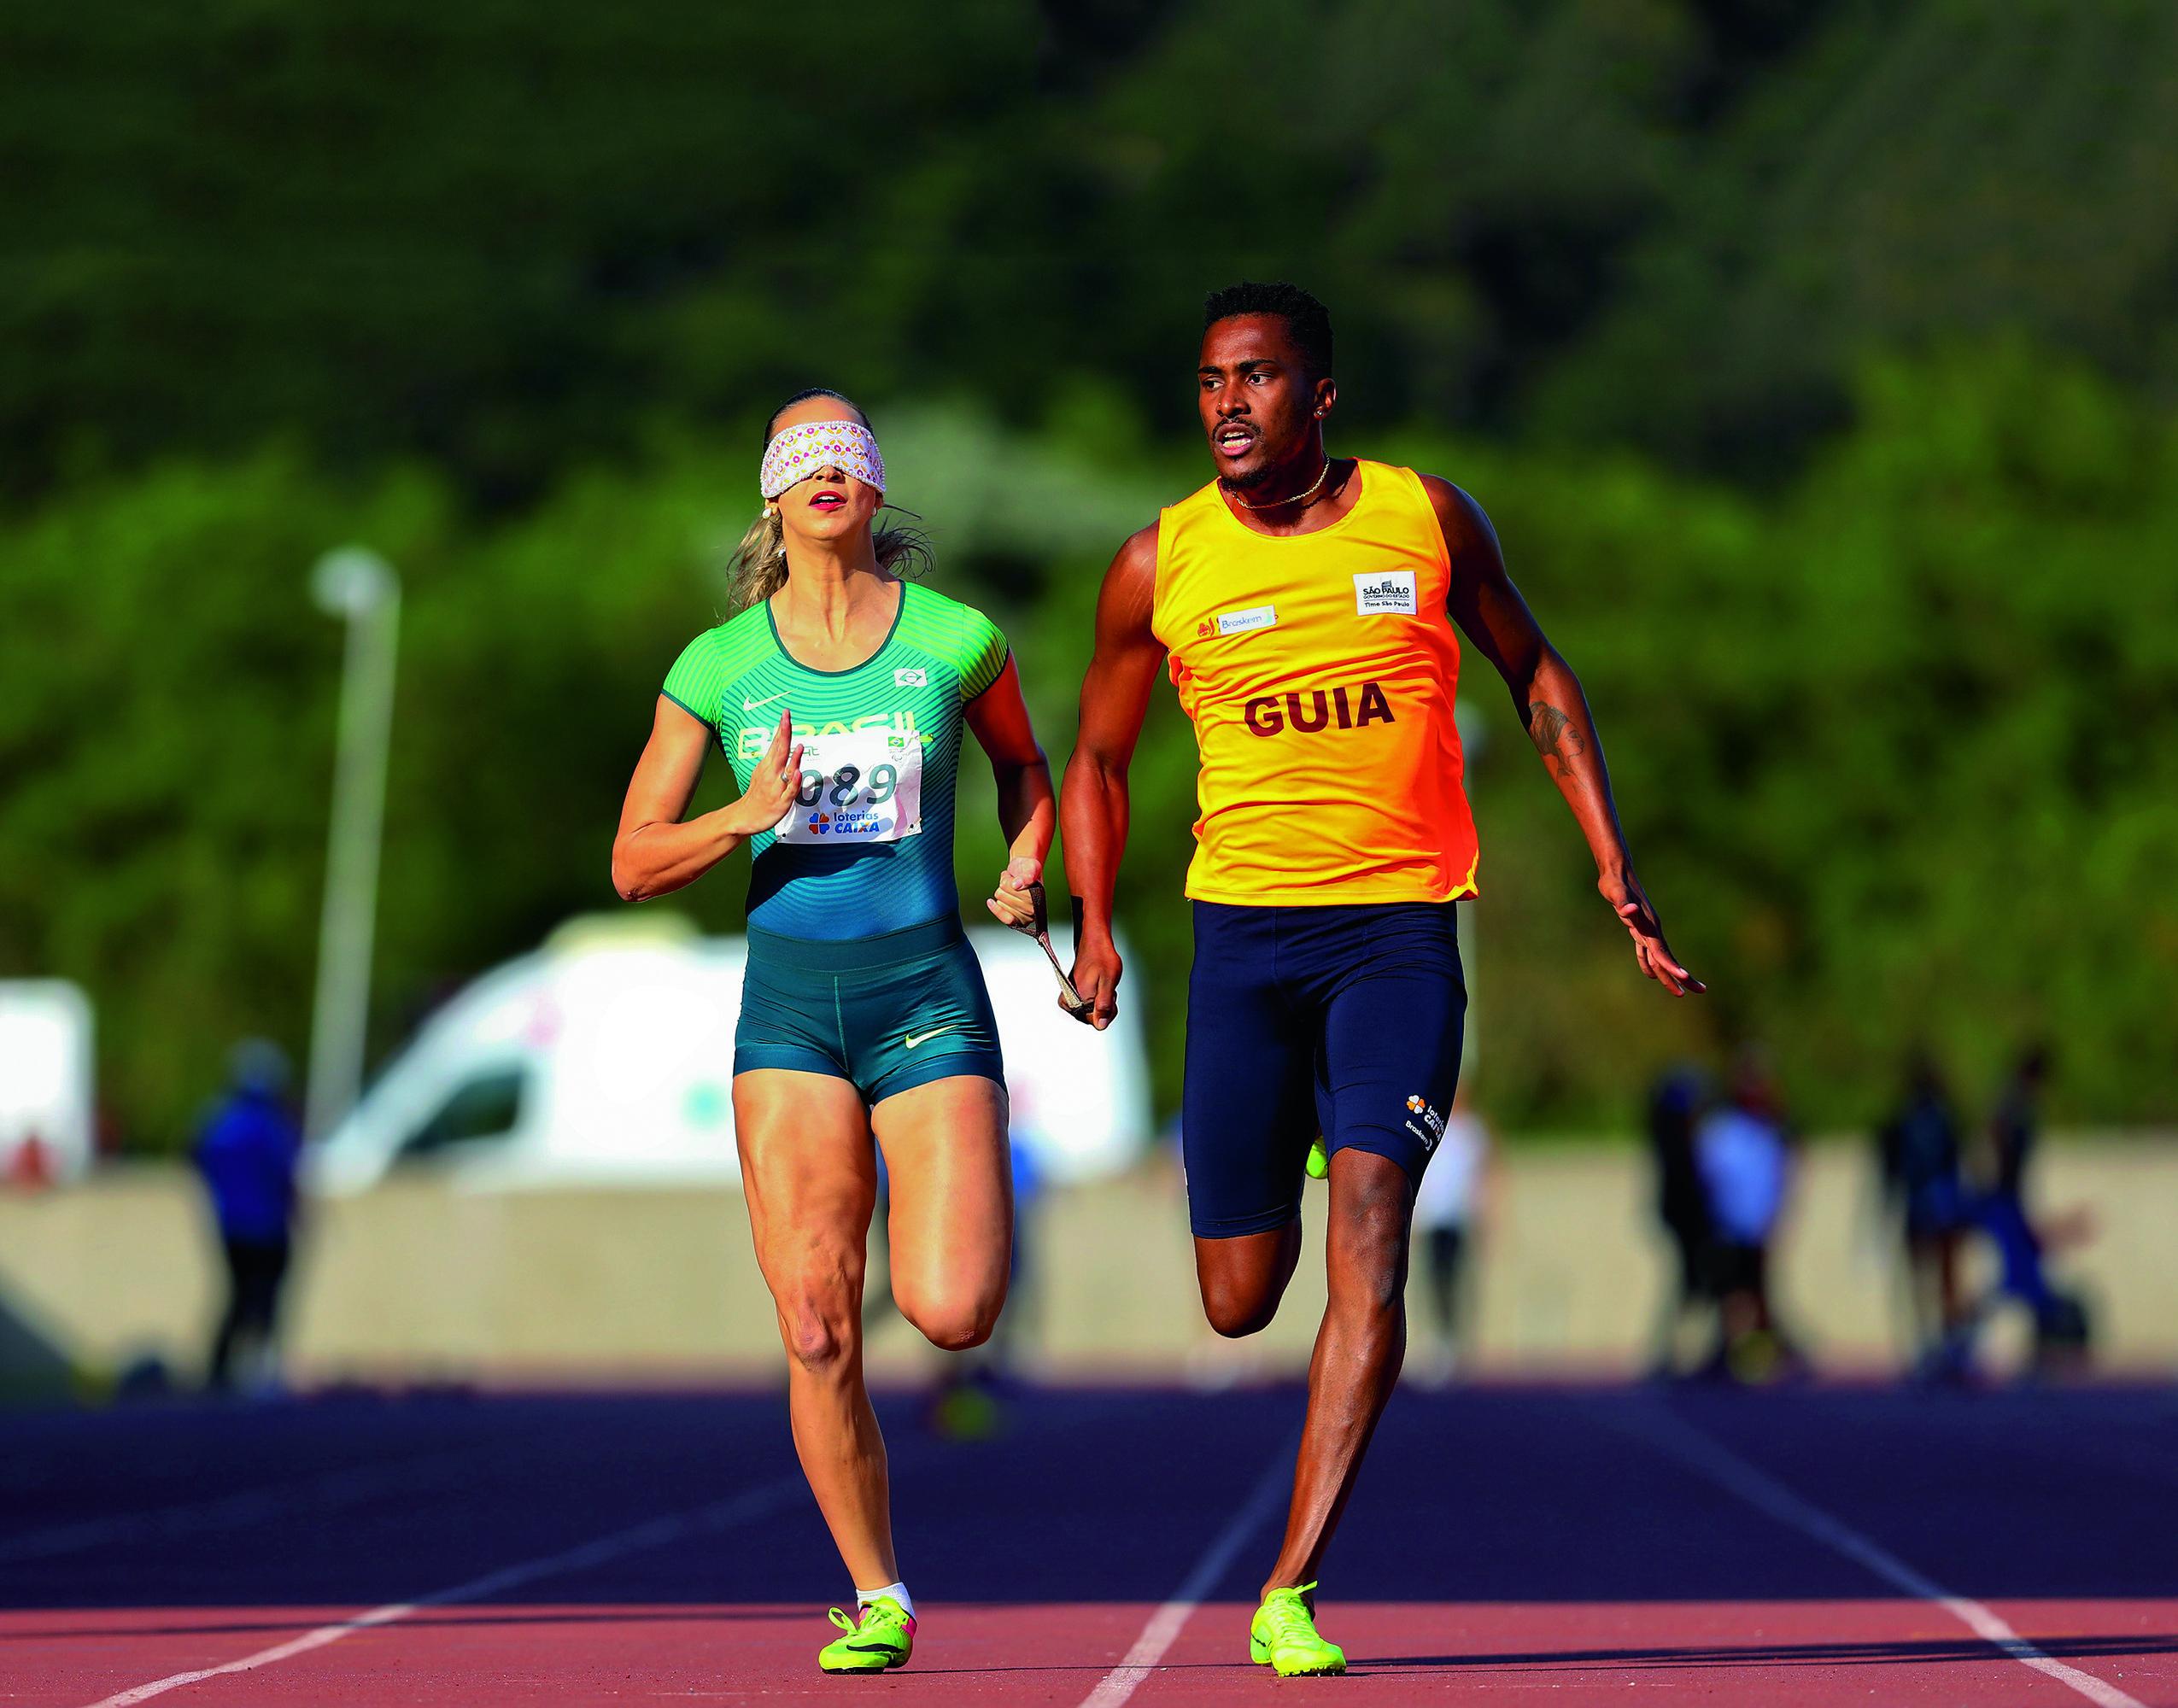 Uma atleta com uma venda no rosto corre na pista com seu guia